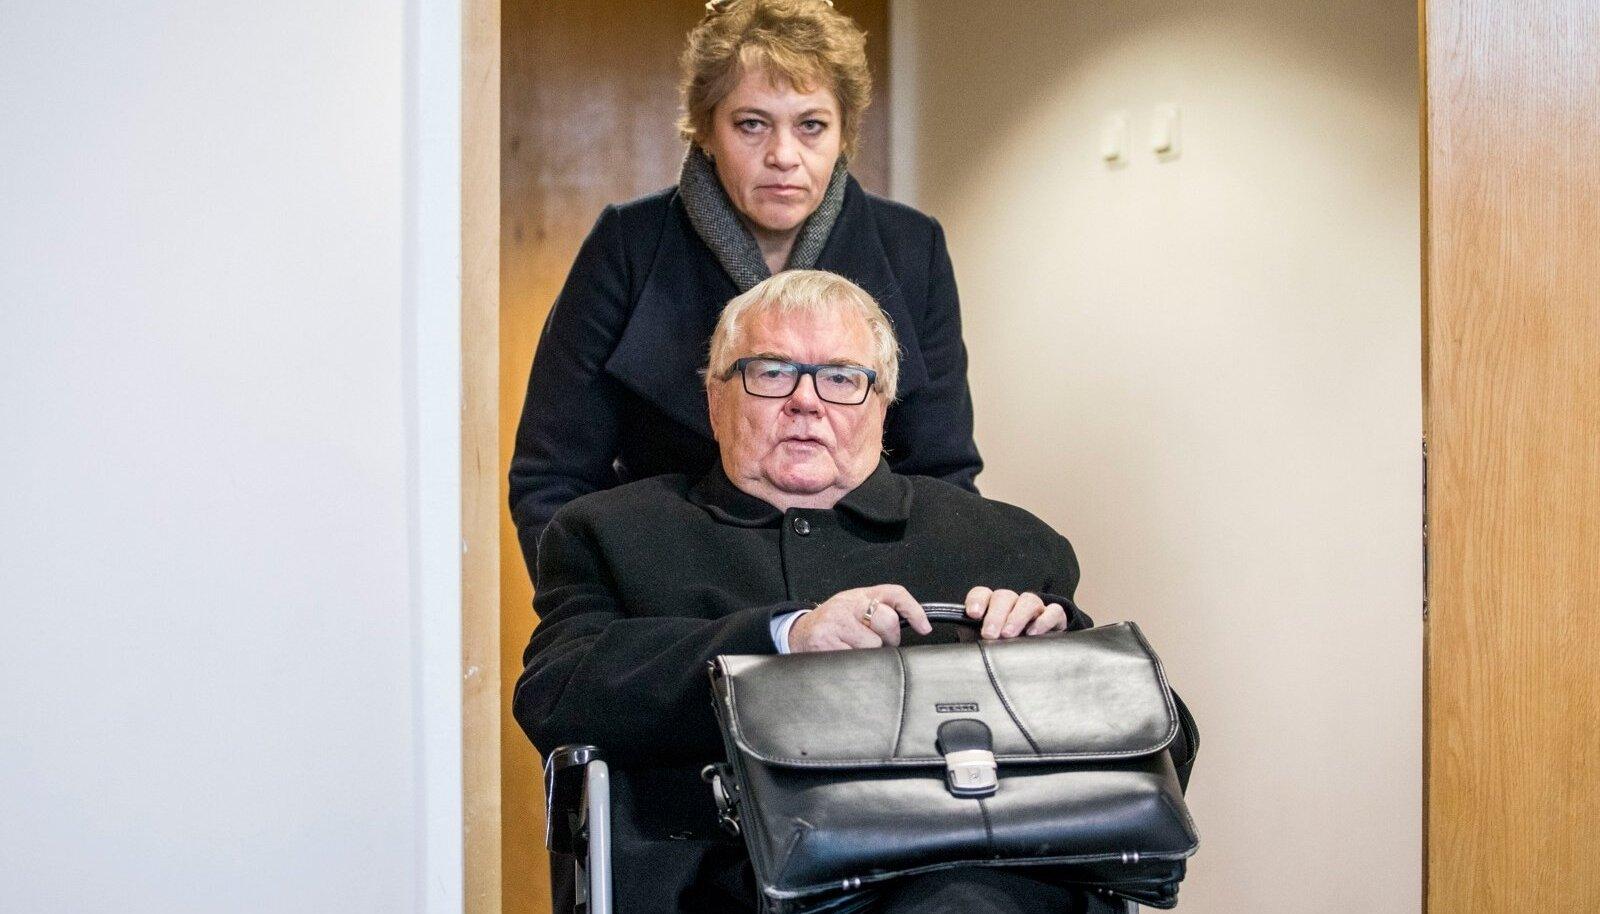 RASKELT HAIGE: Edgar Savisaar avalikustas tänavu, et põeb mitmeid väga tõsiseid haigusi. Jala kaotamise tõttu liigub ta sageli ringi ratastoolis. Siin pildil lükkab sõiduvahendist Jelena Valme.